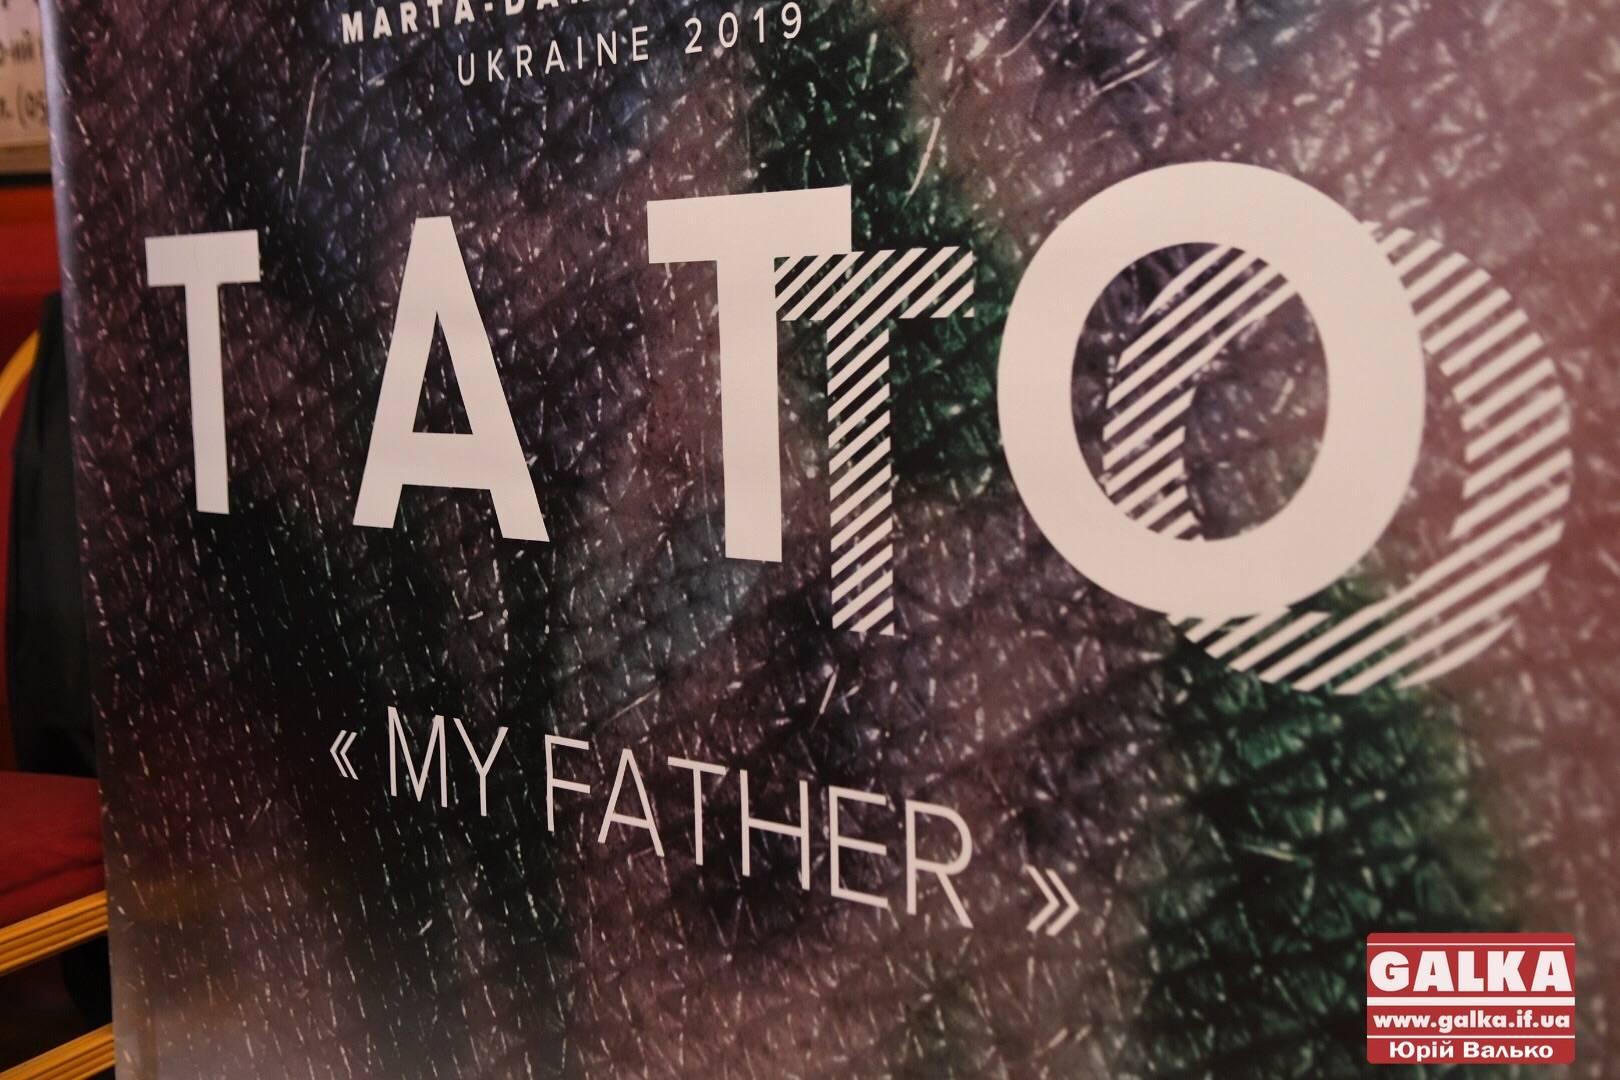 """Це послання, що в нас досі триває війна: документальну стрічку """"Тато"""" показали в Івано-Франківську (ФОТО)"""